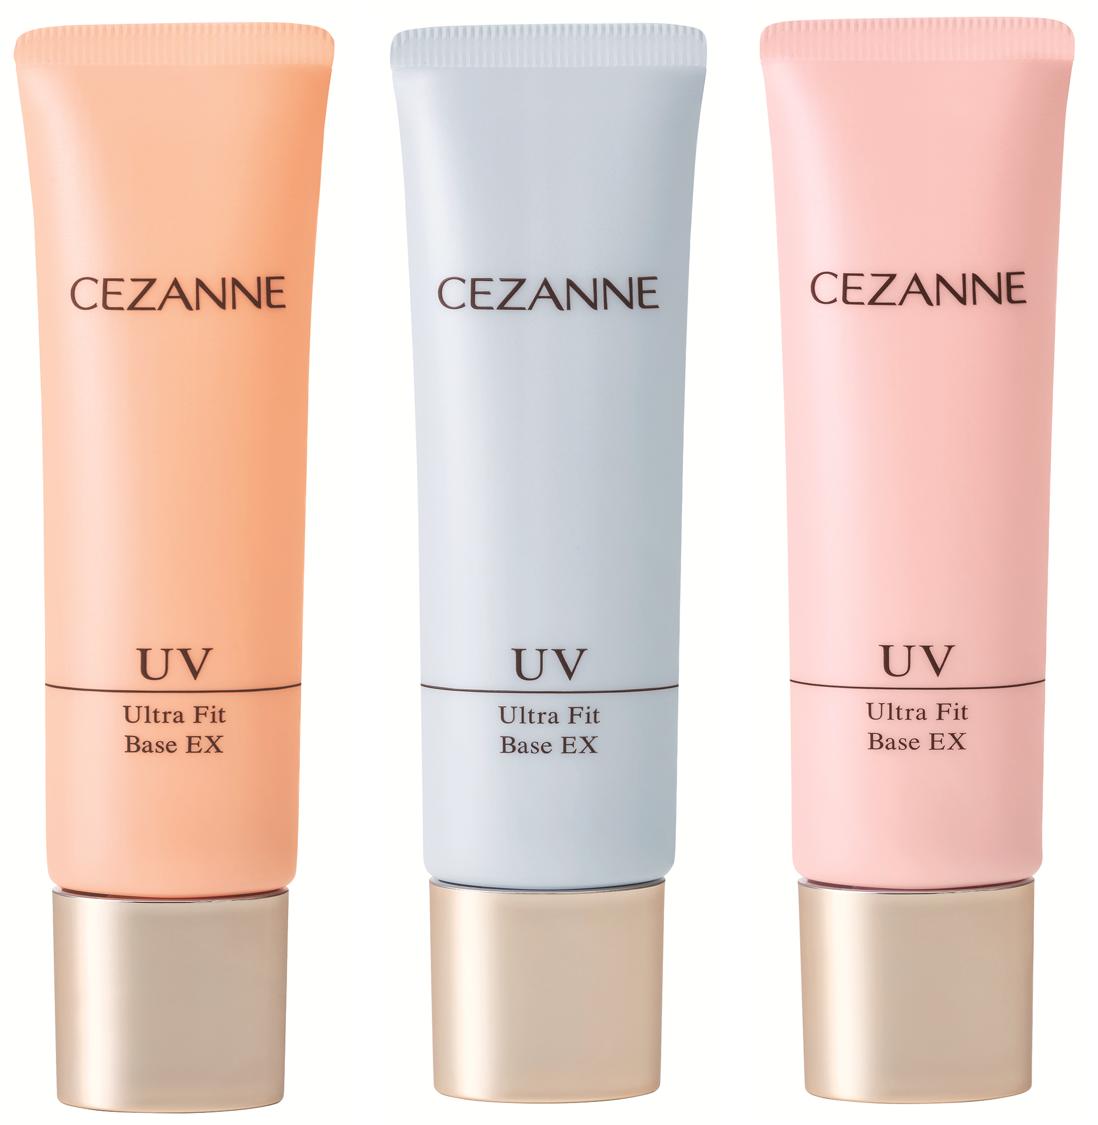 うるおうツヤ美肌が叶う、まるで美容液のような下地『UVウルトラフィットベースEX』新登場 2020年10月12日(月)から全国発売開始